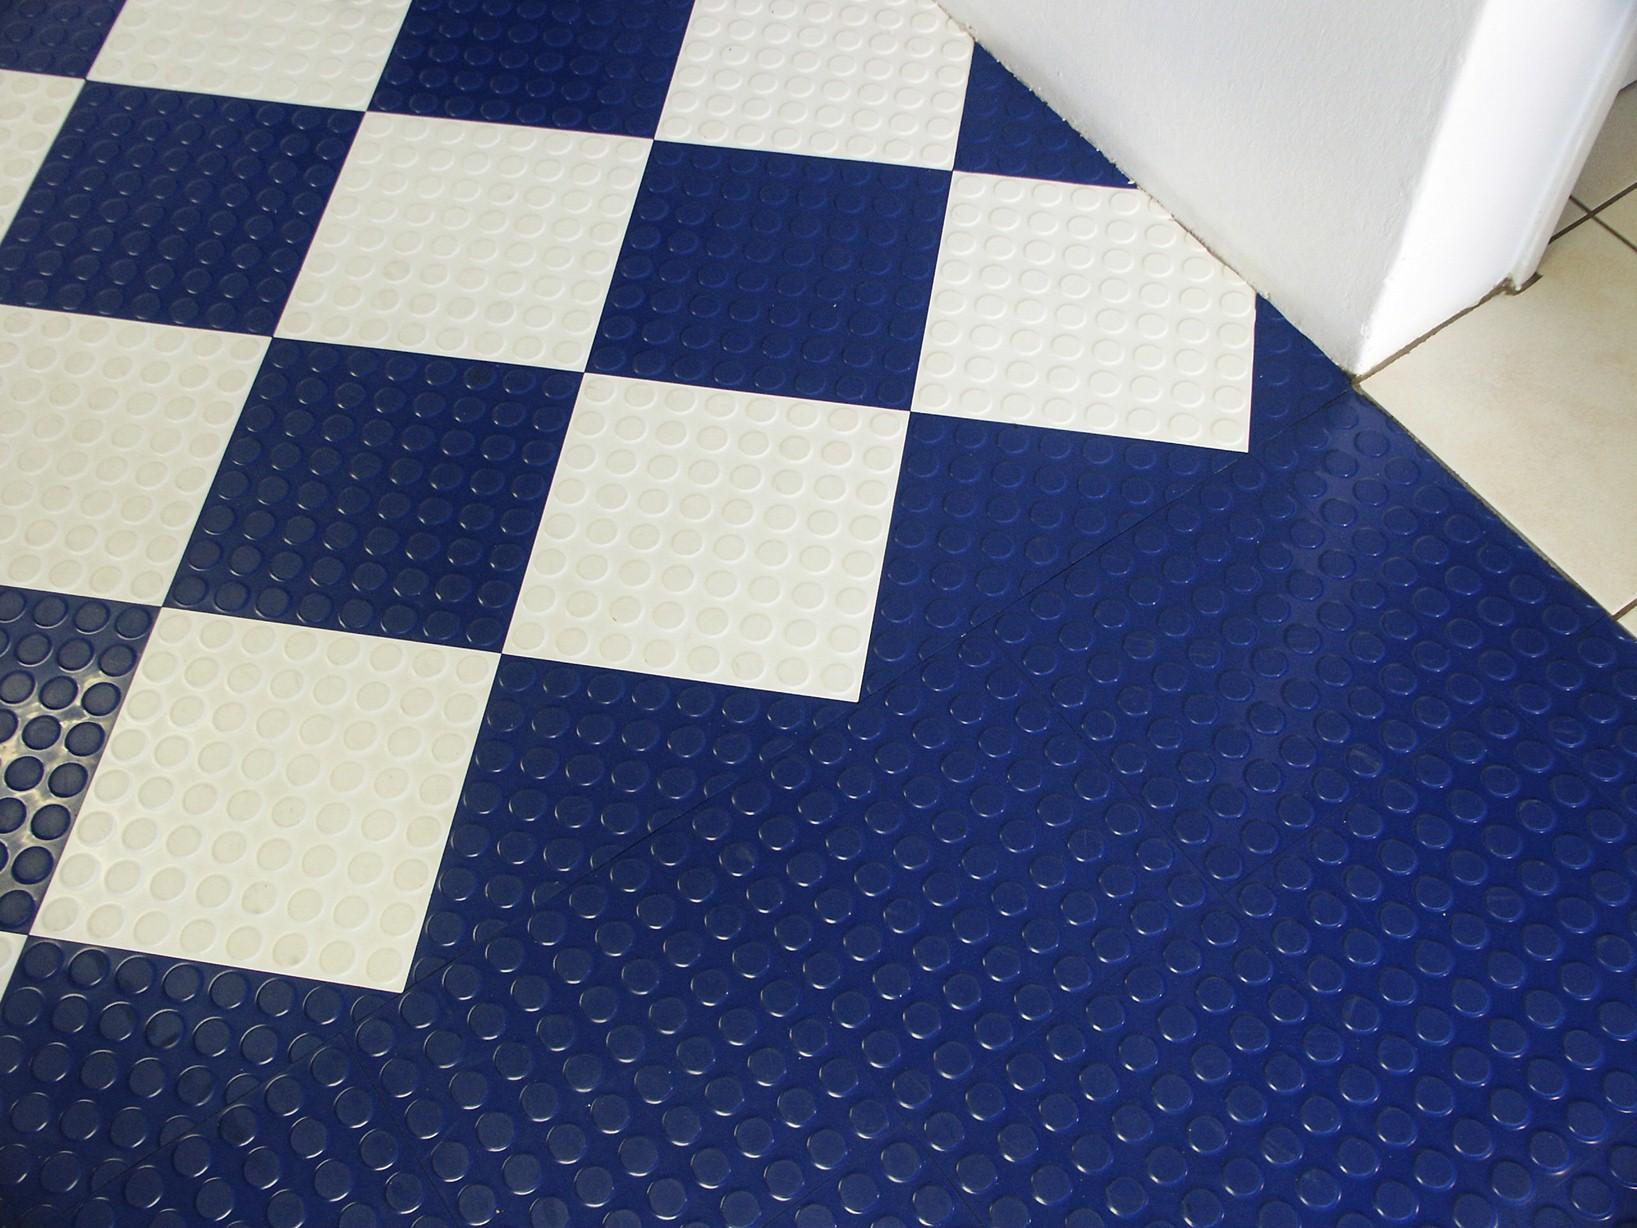 Checkerboard 8x8